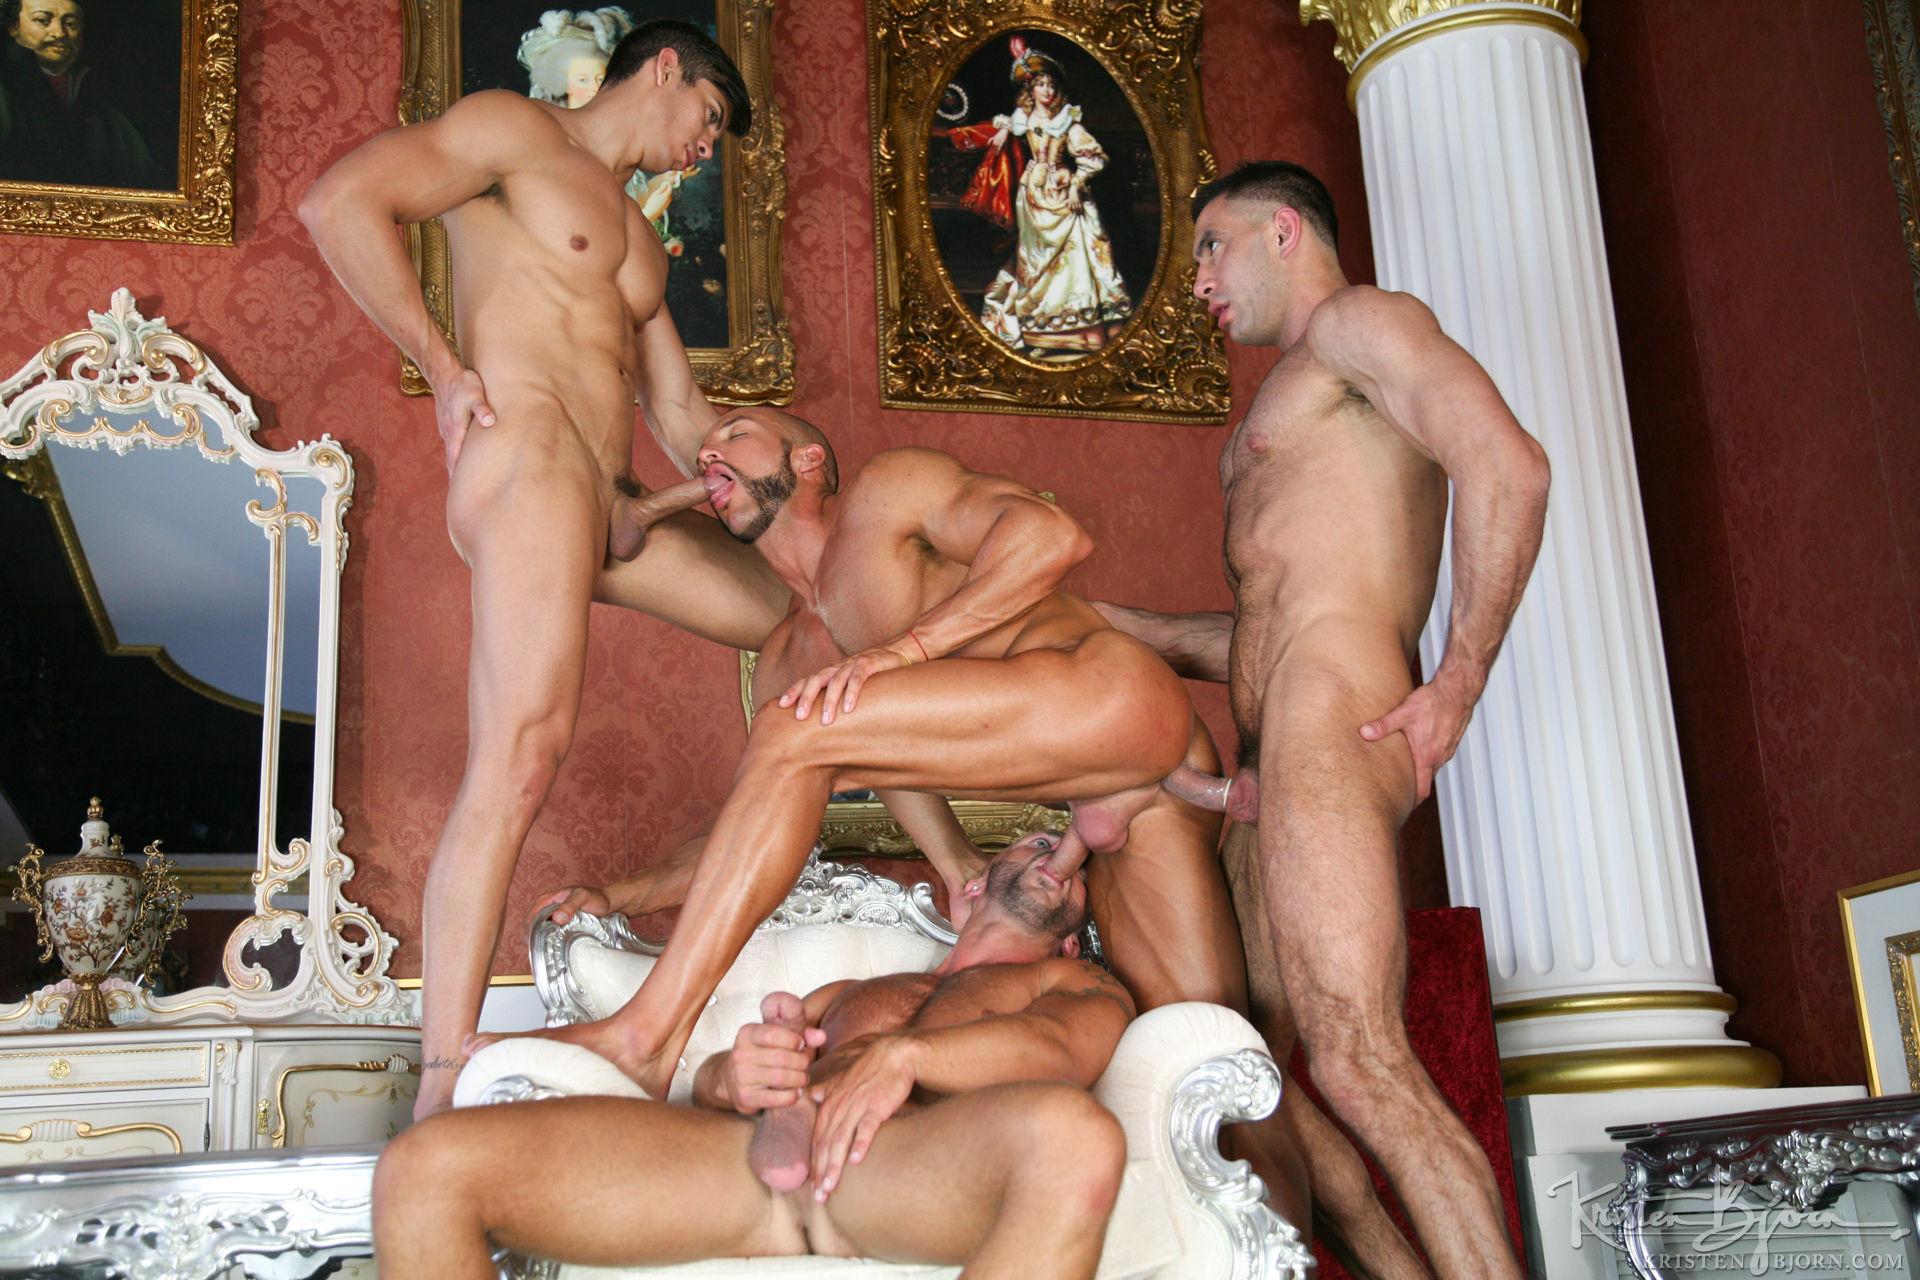 free gay nude galleries